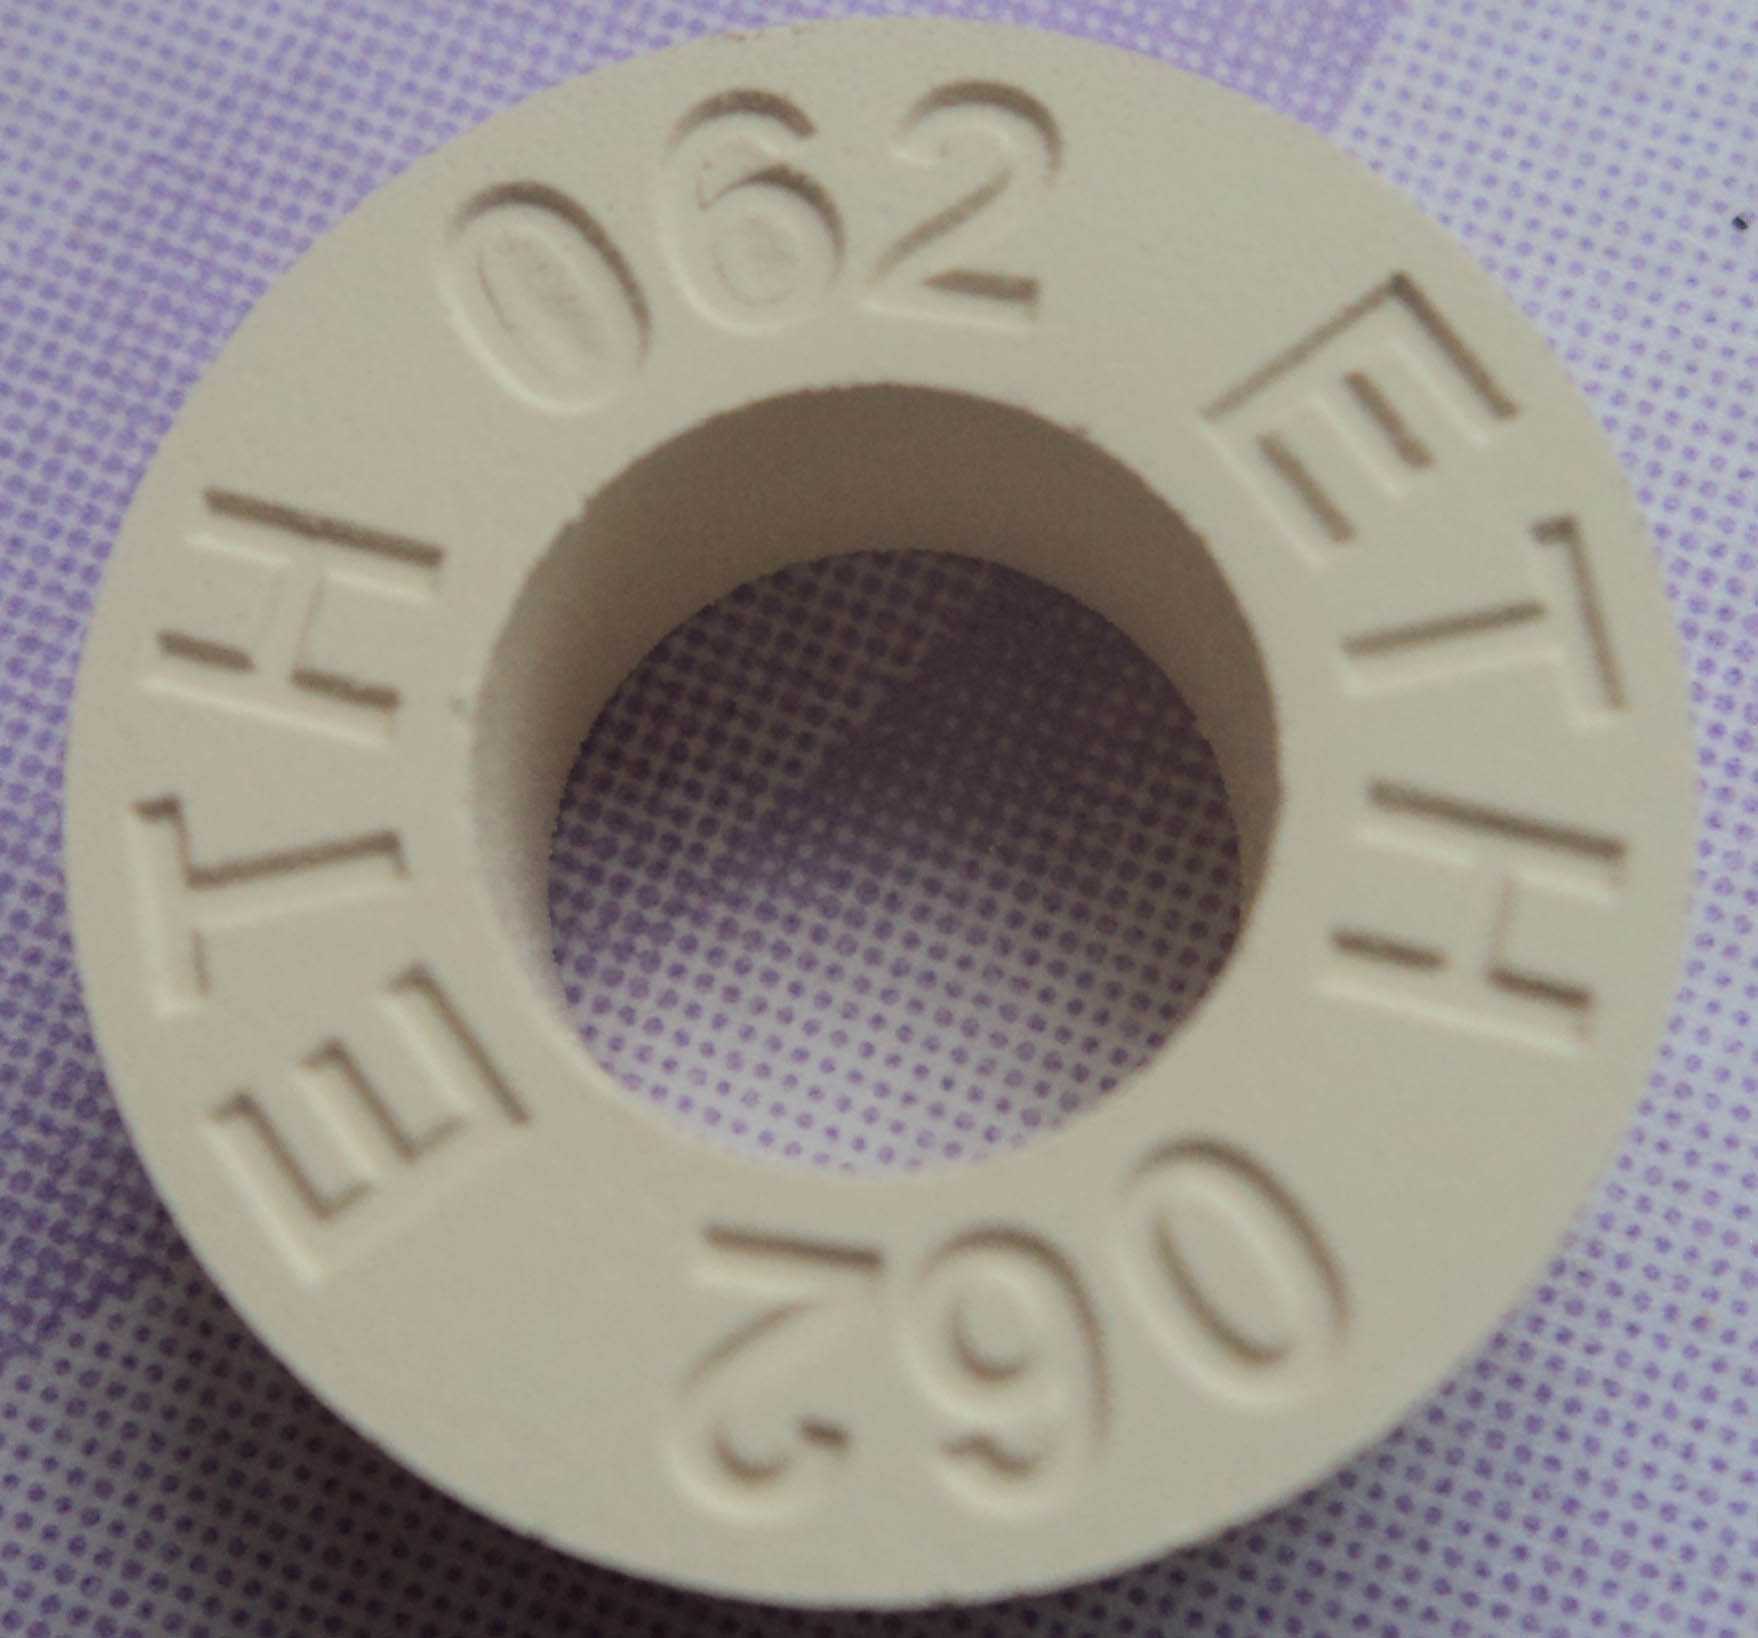 测温环850-1100度/校温环/测温块/PTCR-ETH